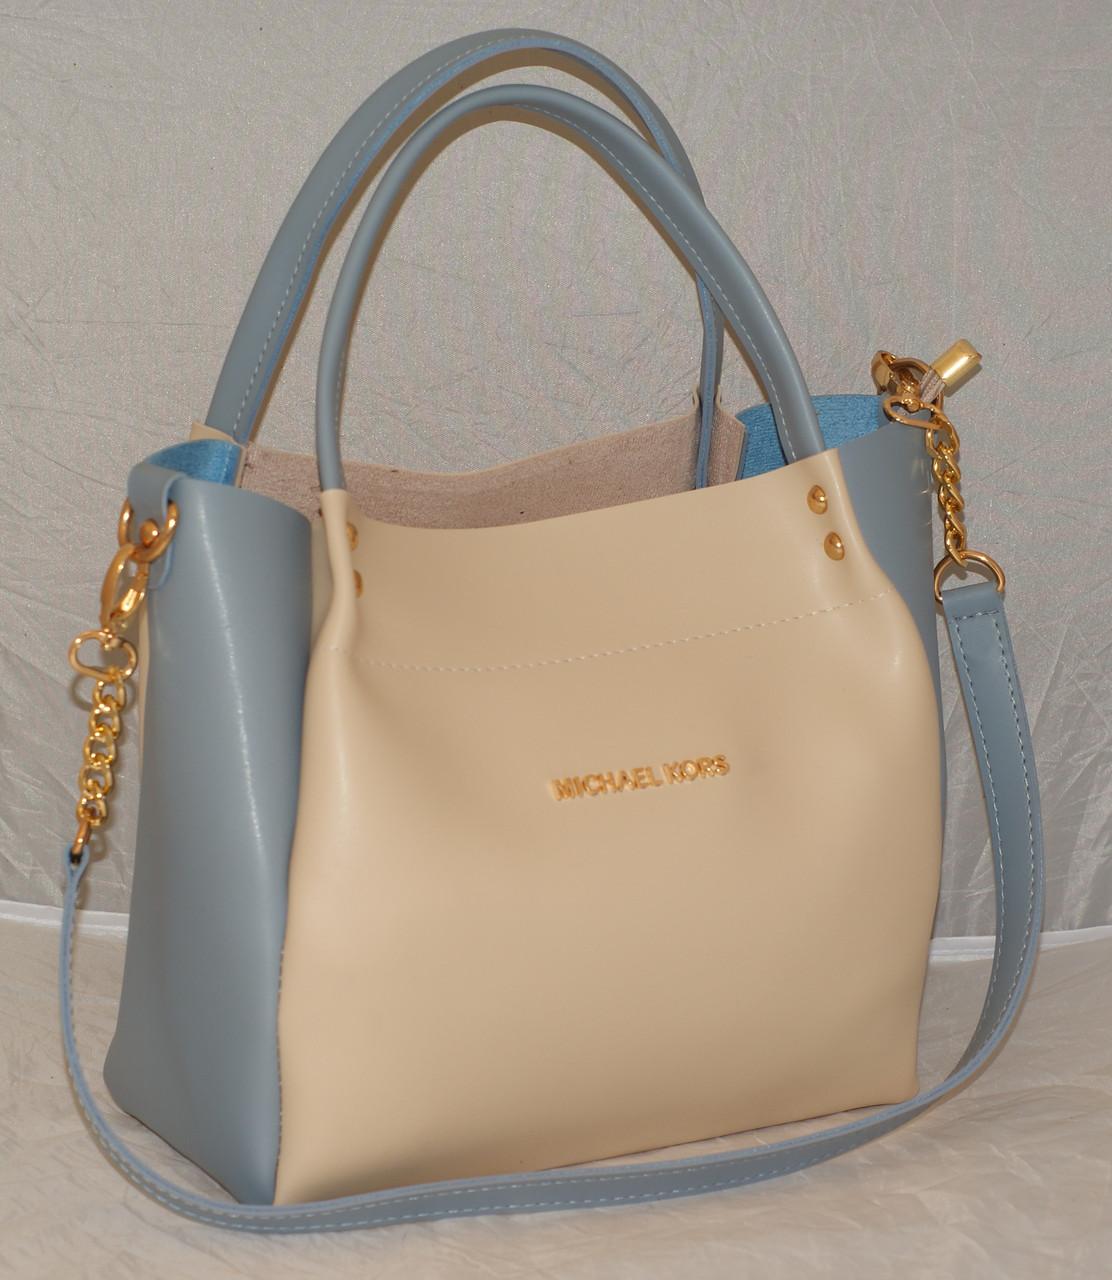 Женская сумка с косметичкой Mi-hael Kor$, бежевый с голубым